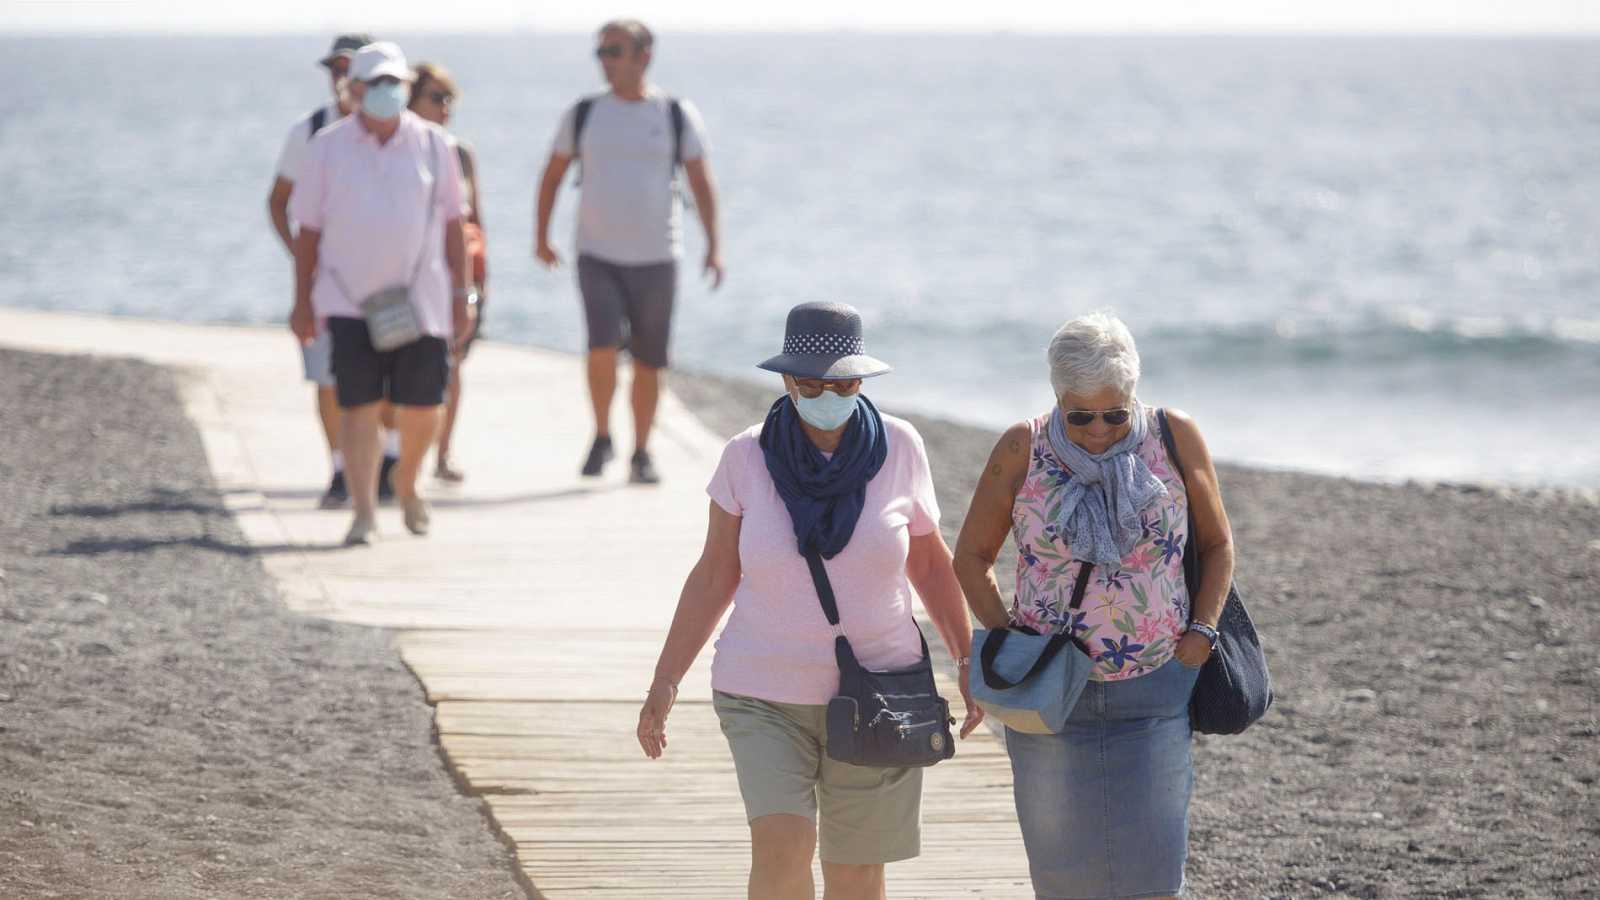 Dos nuevos casos en Andalucía elevan a 34 los casos de coronavirus en España